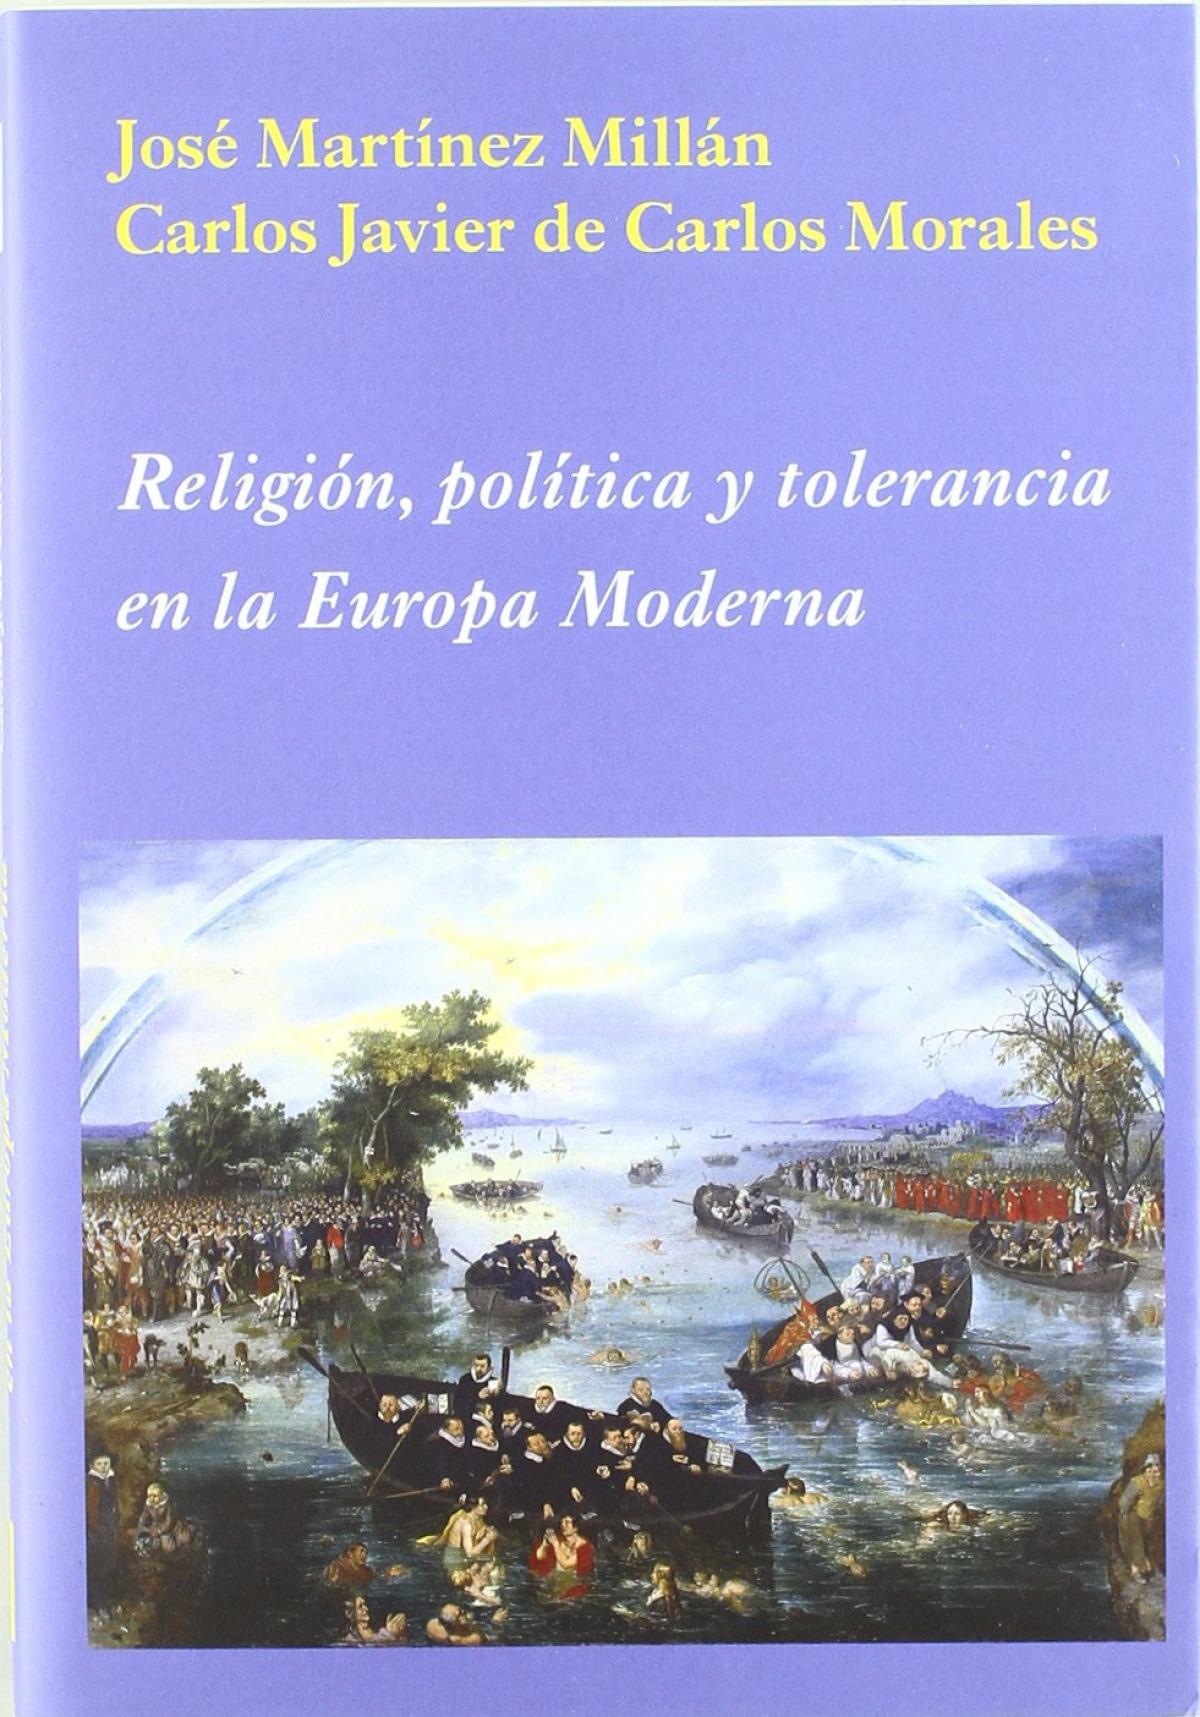 RELIGION POLITICA Y TOLERANCIA EN LA EUROPA MODERNA